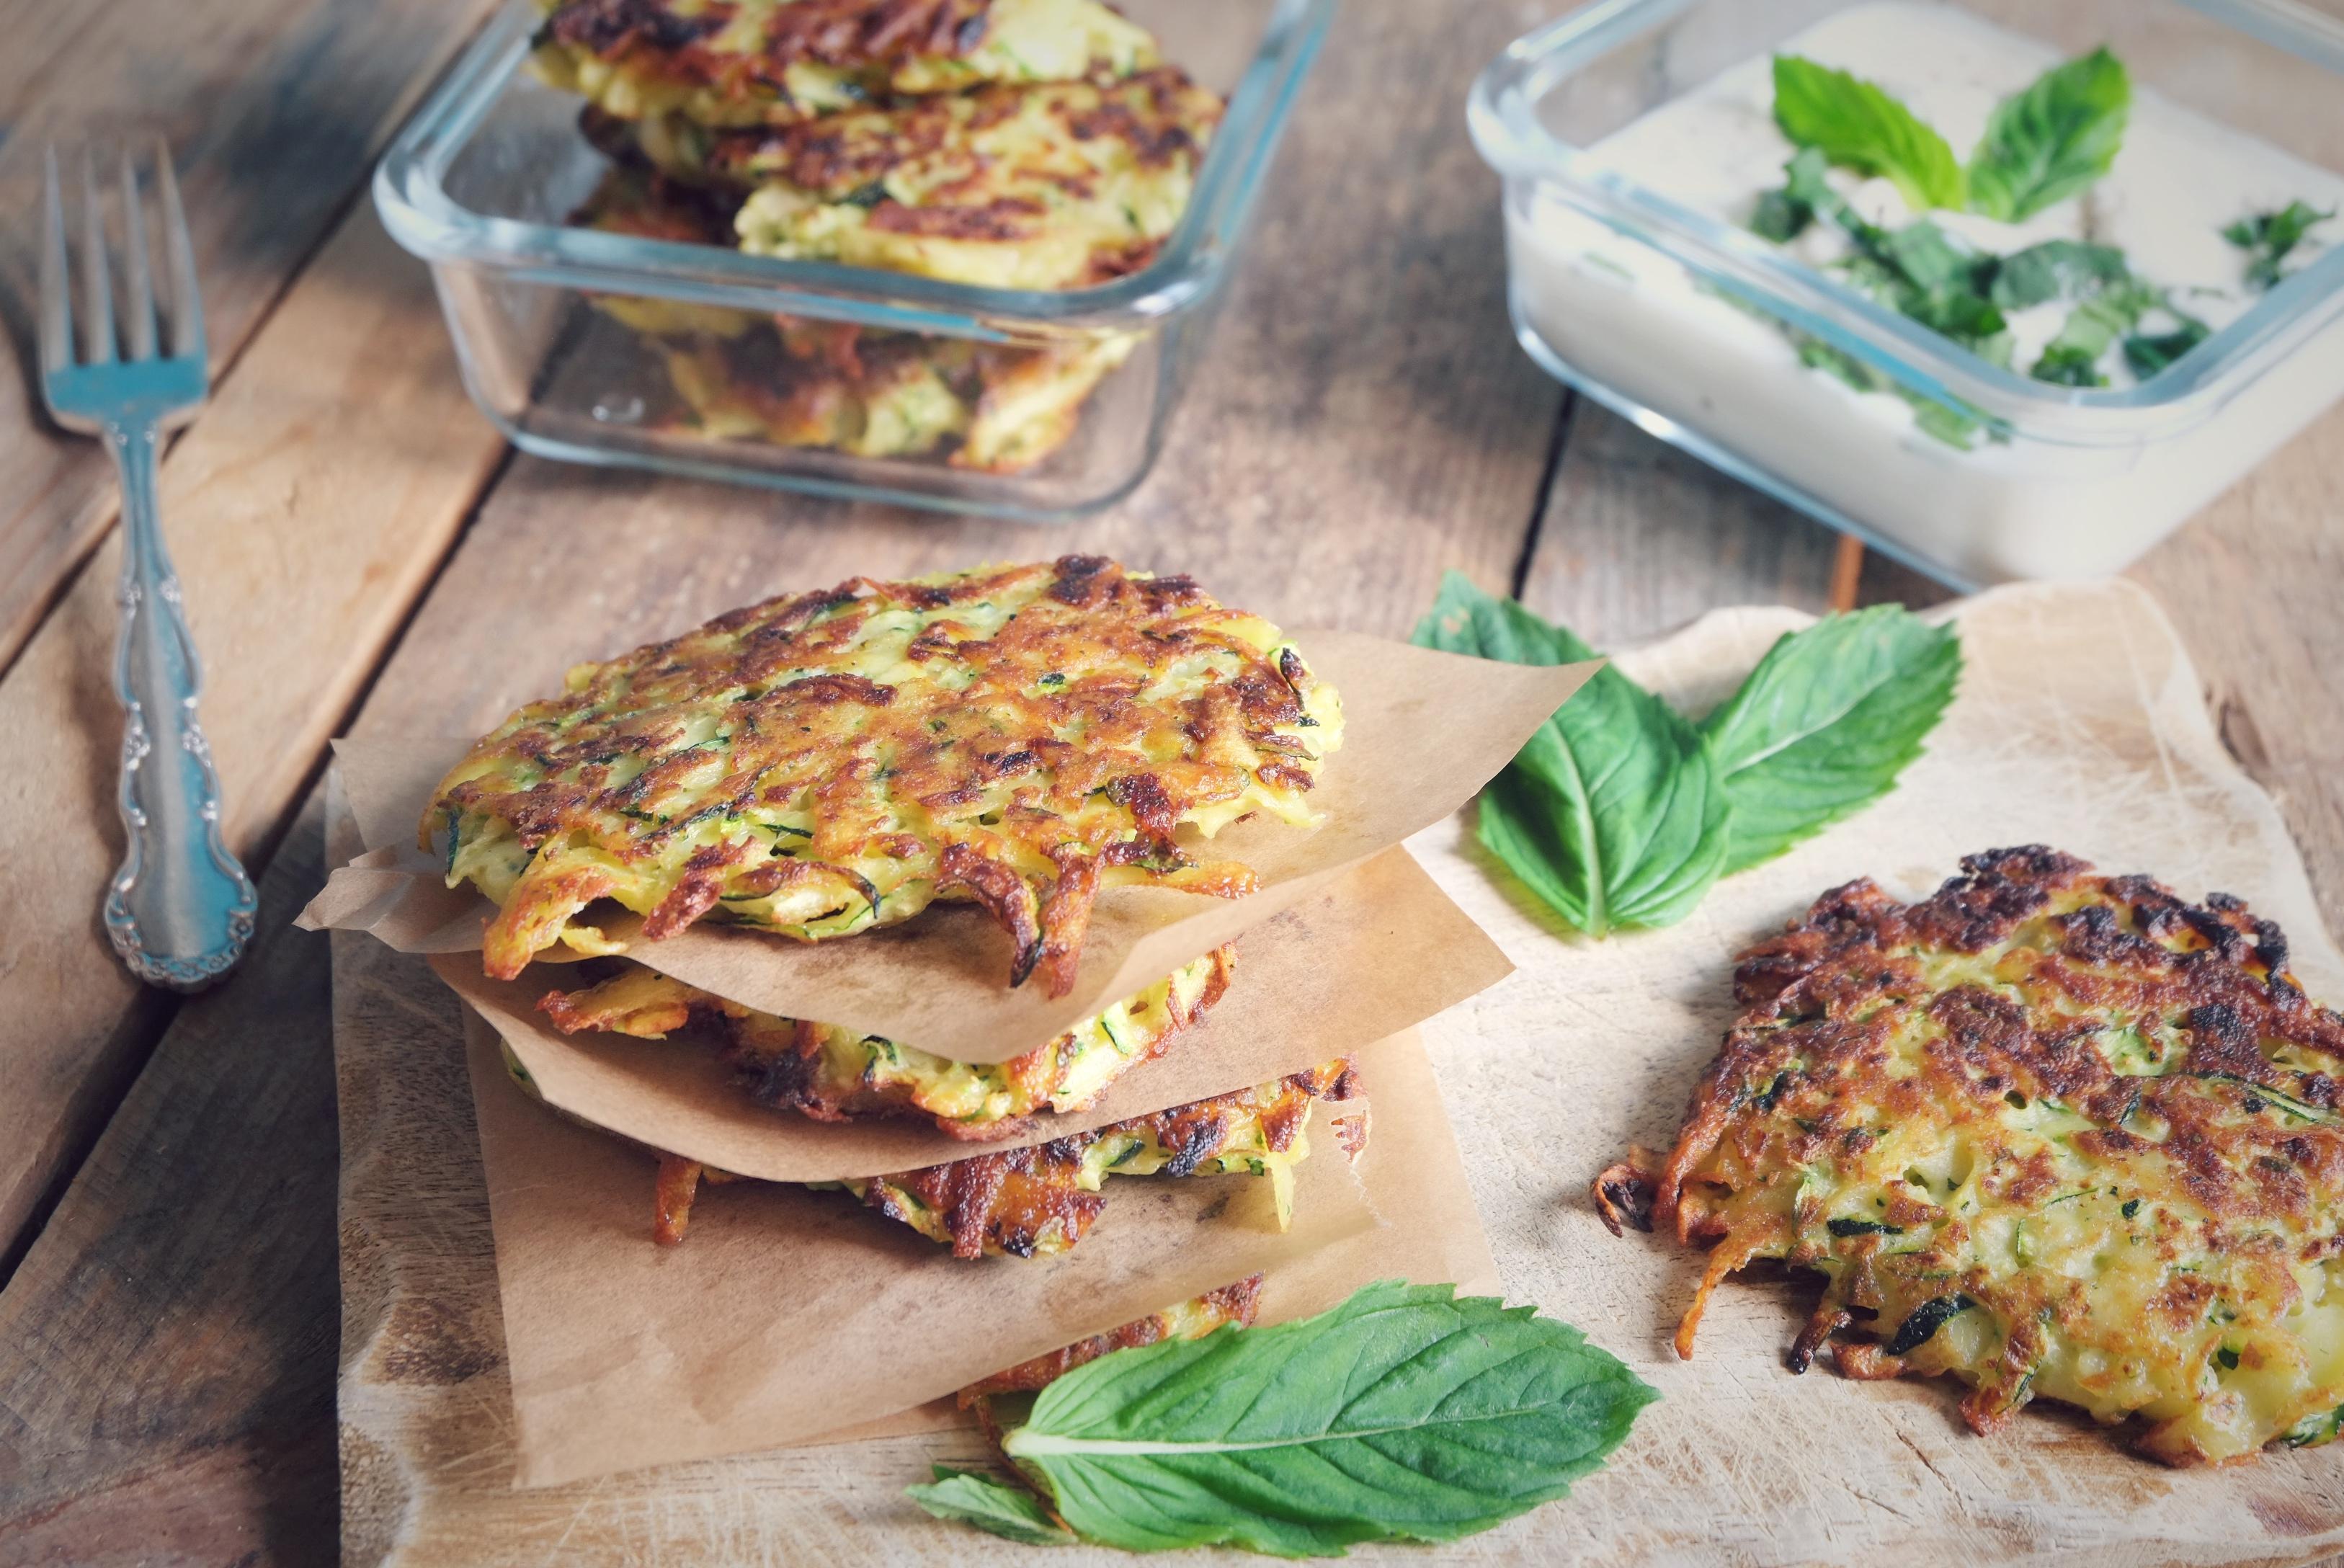 Zucchini-Fritters @ mehrpoweraufdauer.com